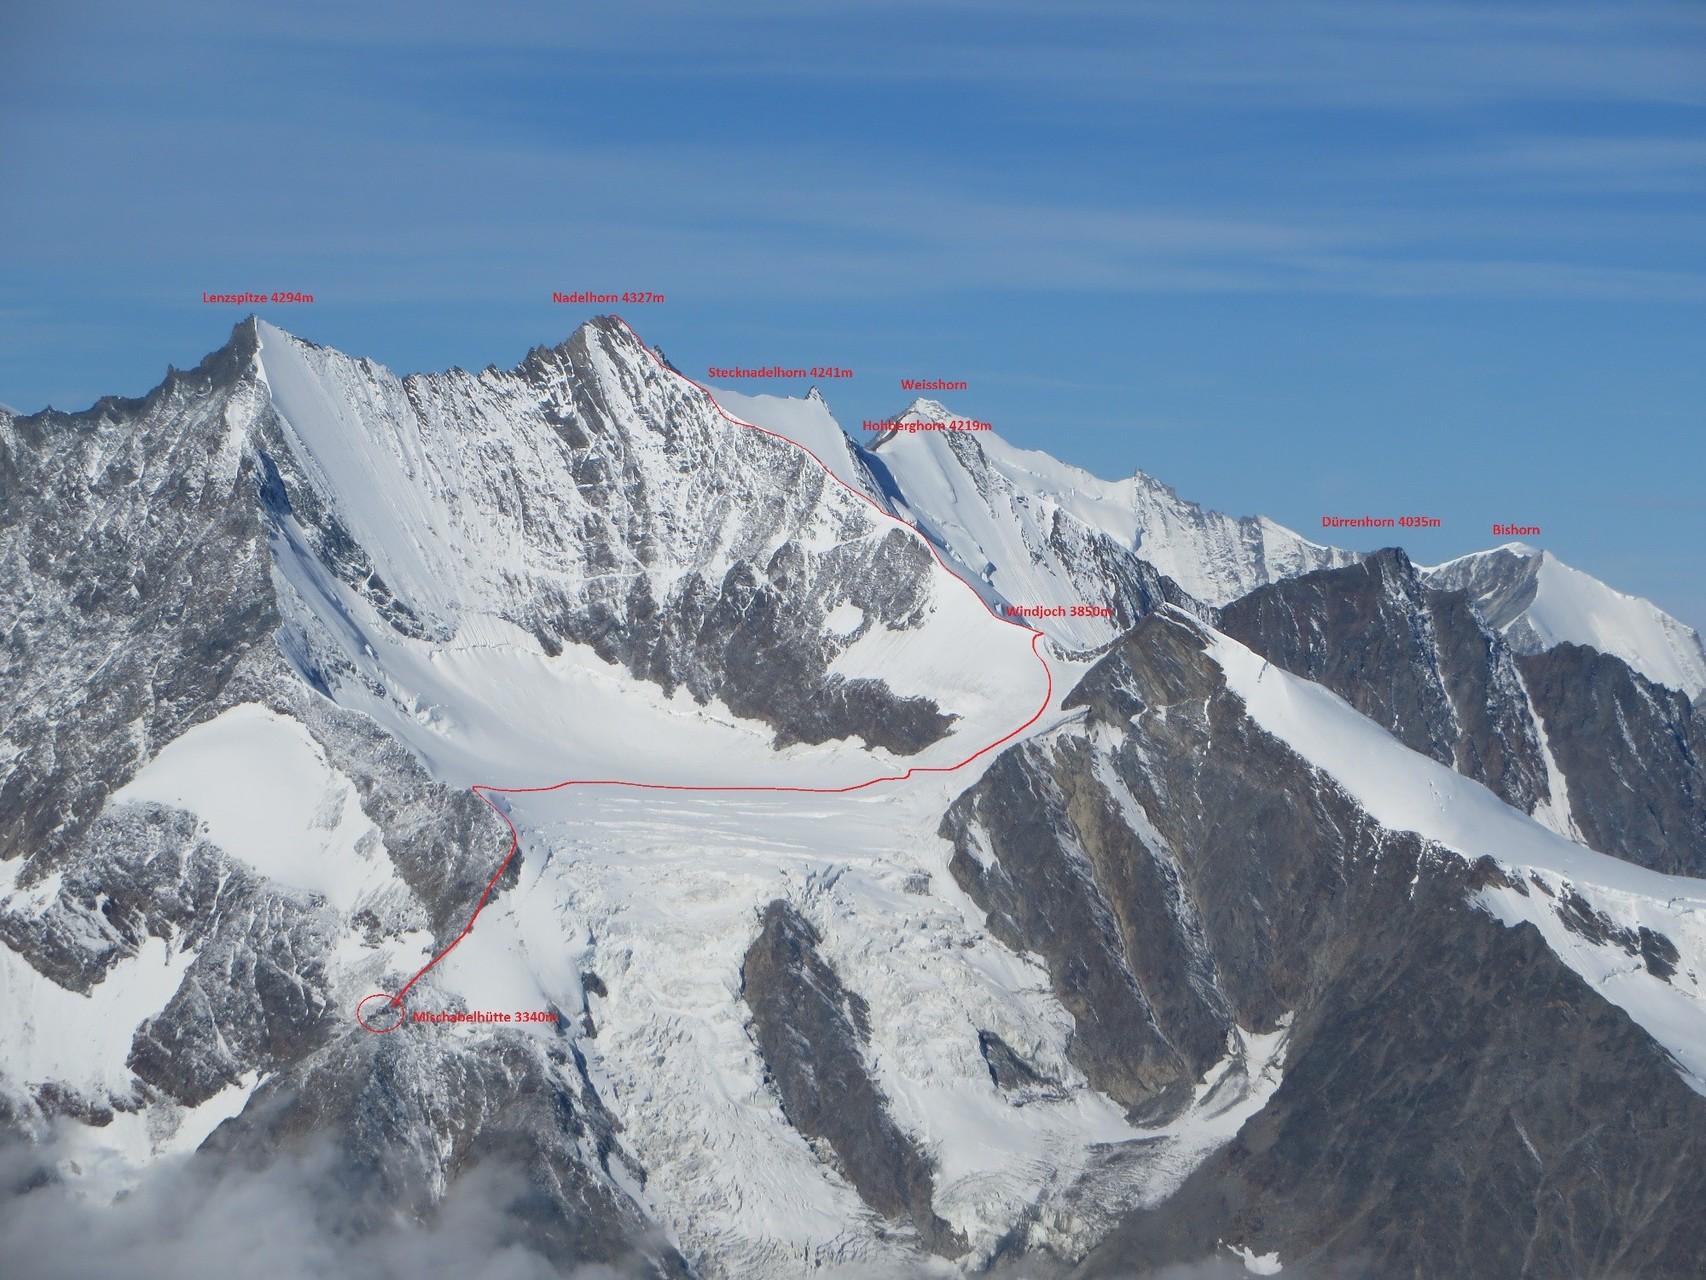 unsere Besteigungsroute fotografiert einige Tage später vom Gipfel des Weissmies